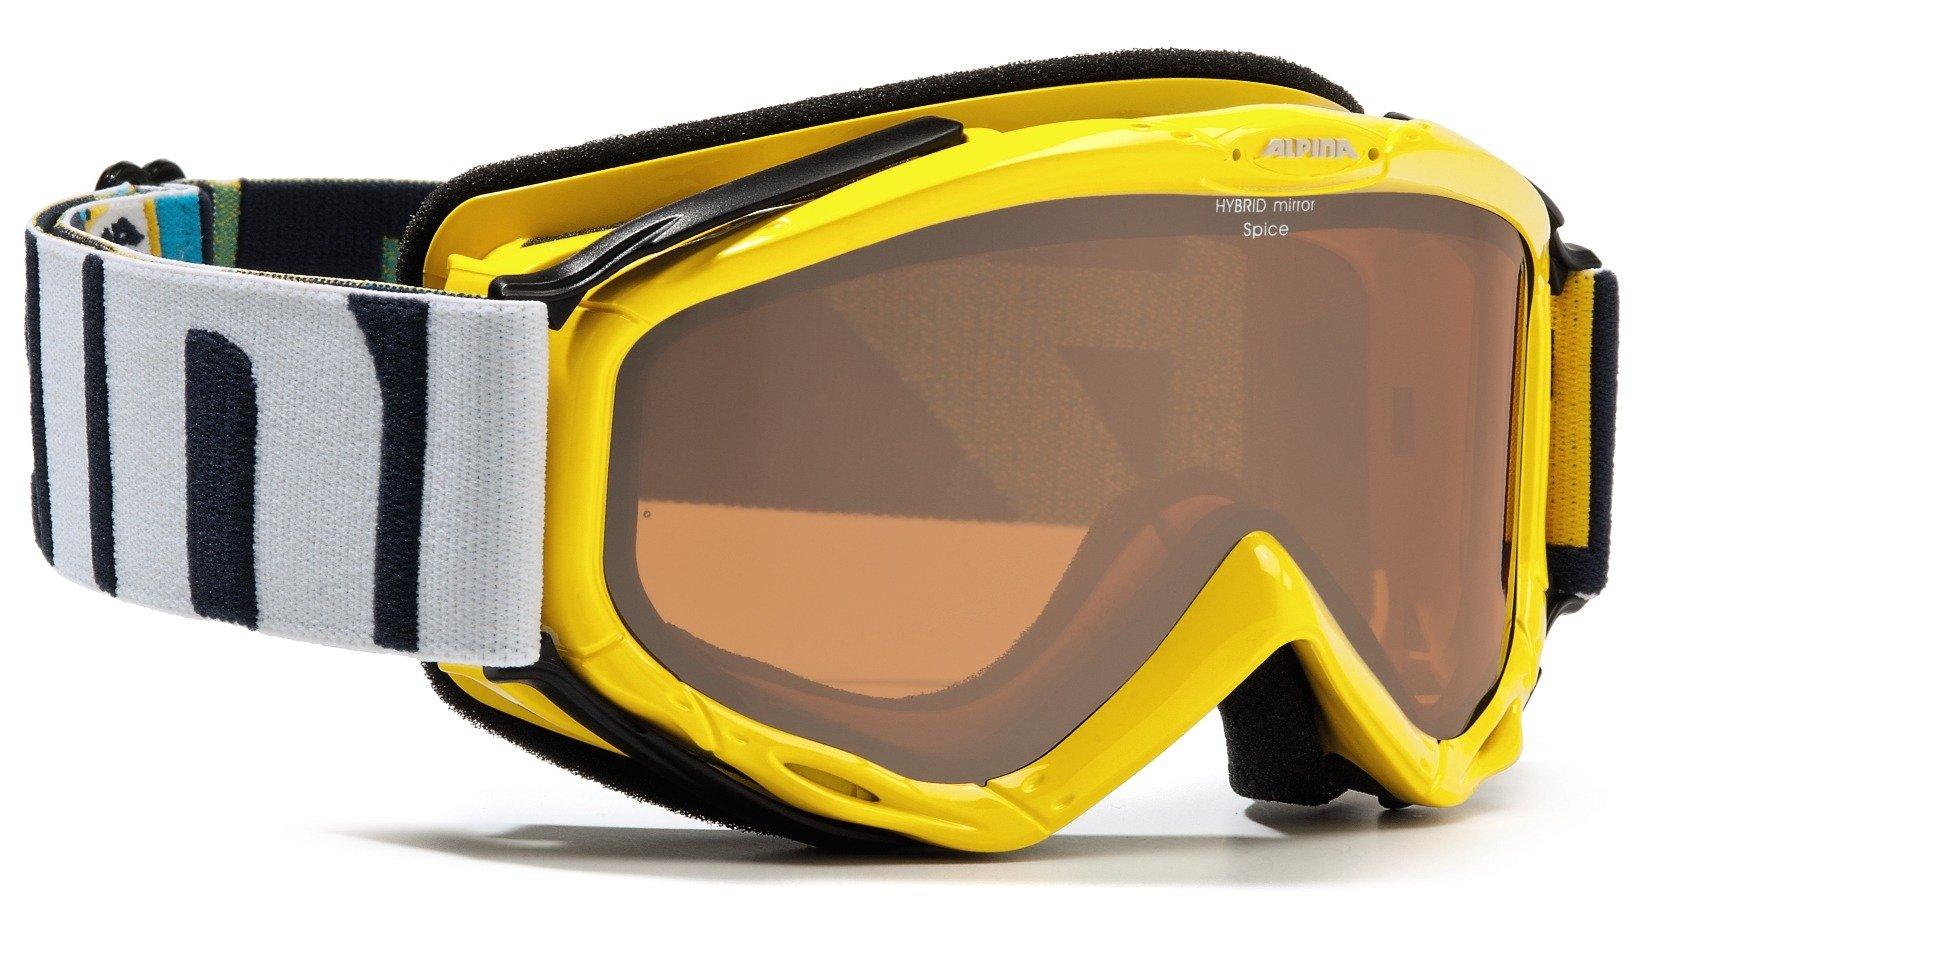 Billede af Alpina Spice Hybrid Mirror Skibriller